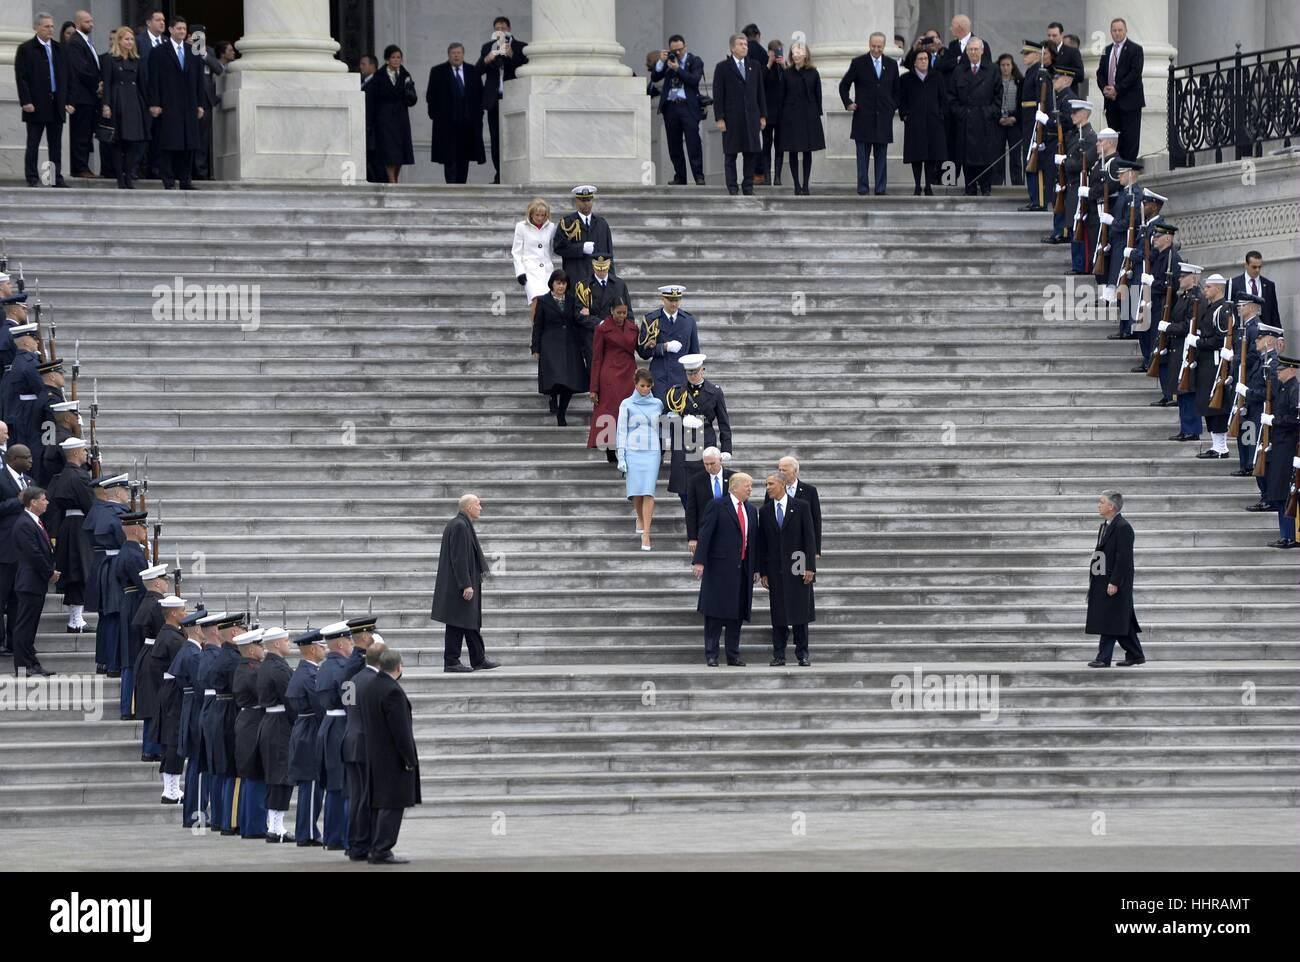 Washington, USA. 20. Januar 2017. Ehemaliger US-Präsident Barack Obama Gespräche mit neu eröffnet US-Präsident Donald Trump nach Donald Trump als 45. Präsident der Vereinigten Staaten in Washington, D.C. Credit vereidigt wurde: Bao Dandan/Xinhua/Alamy Live News Stockfoto